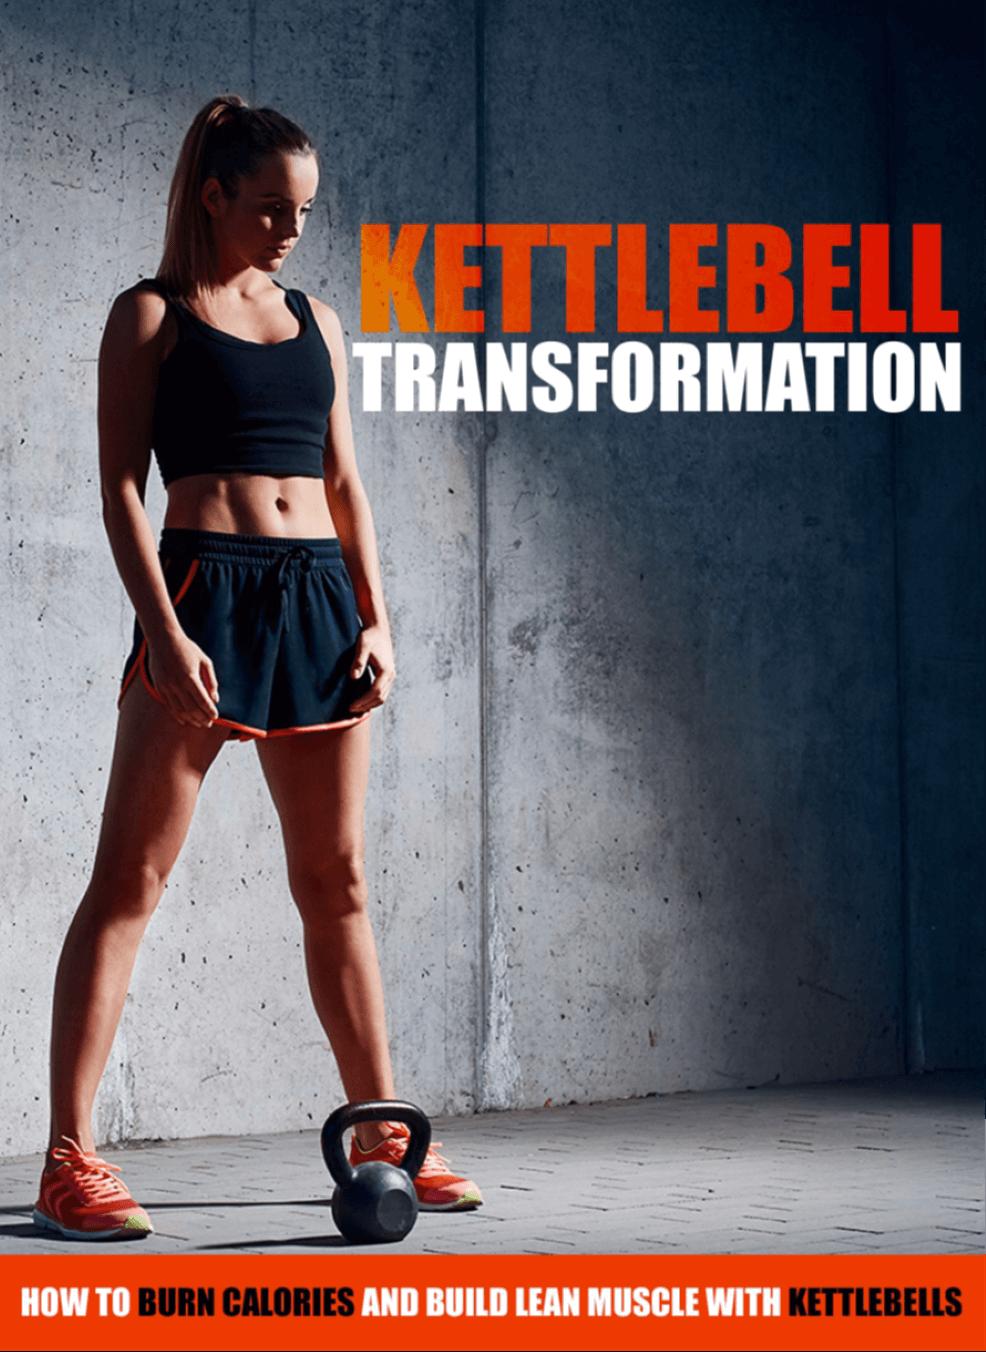 Kettlebell Transformation Video Upgrade